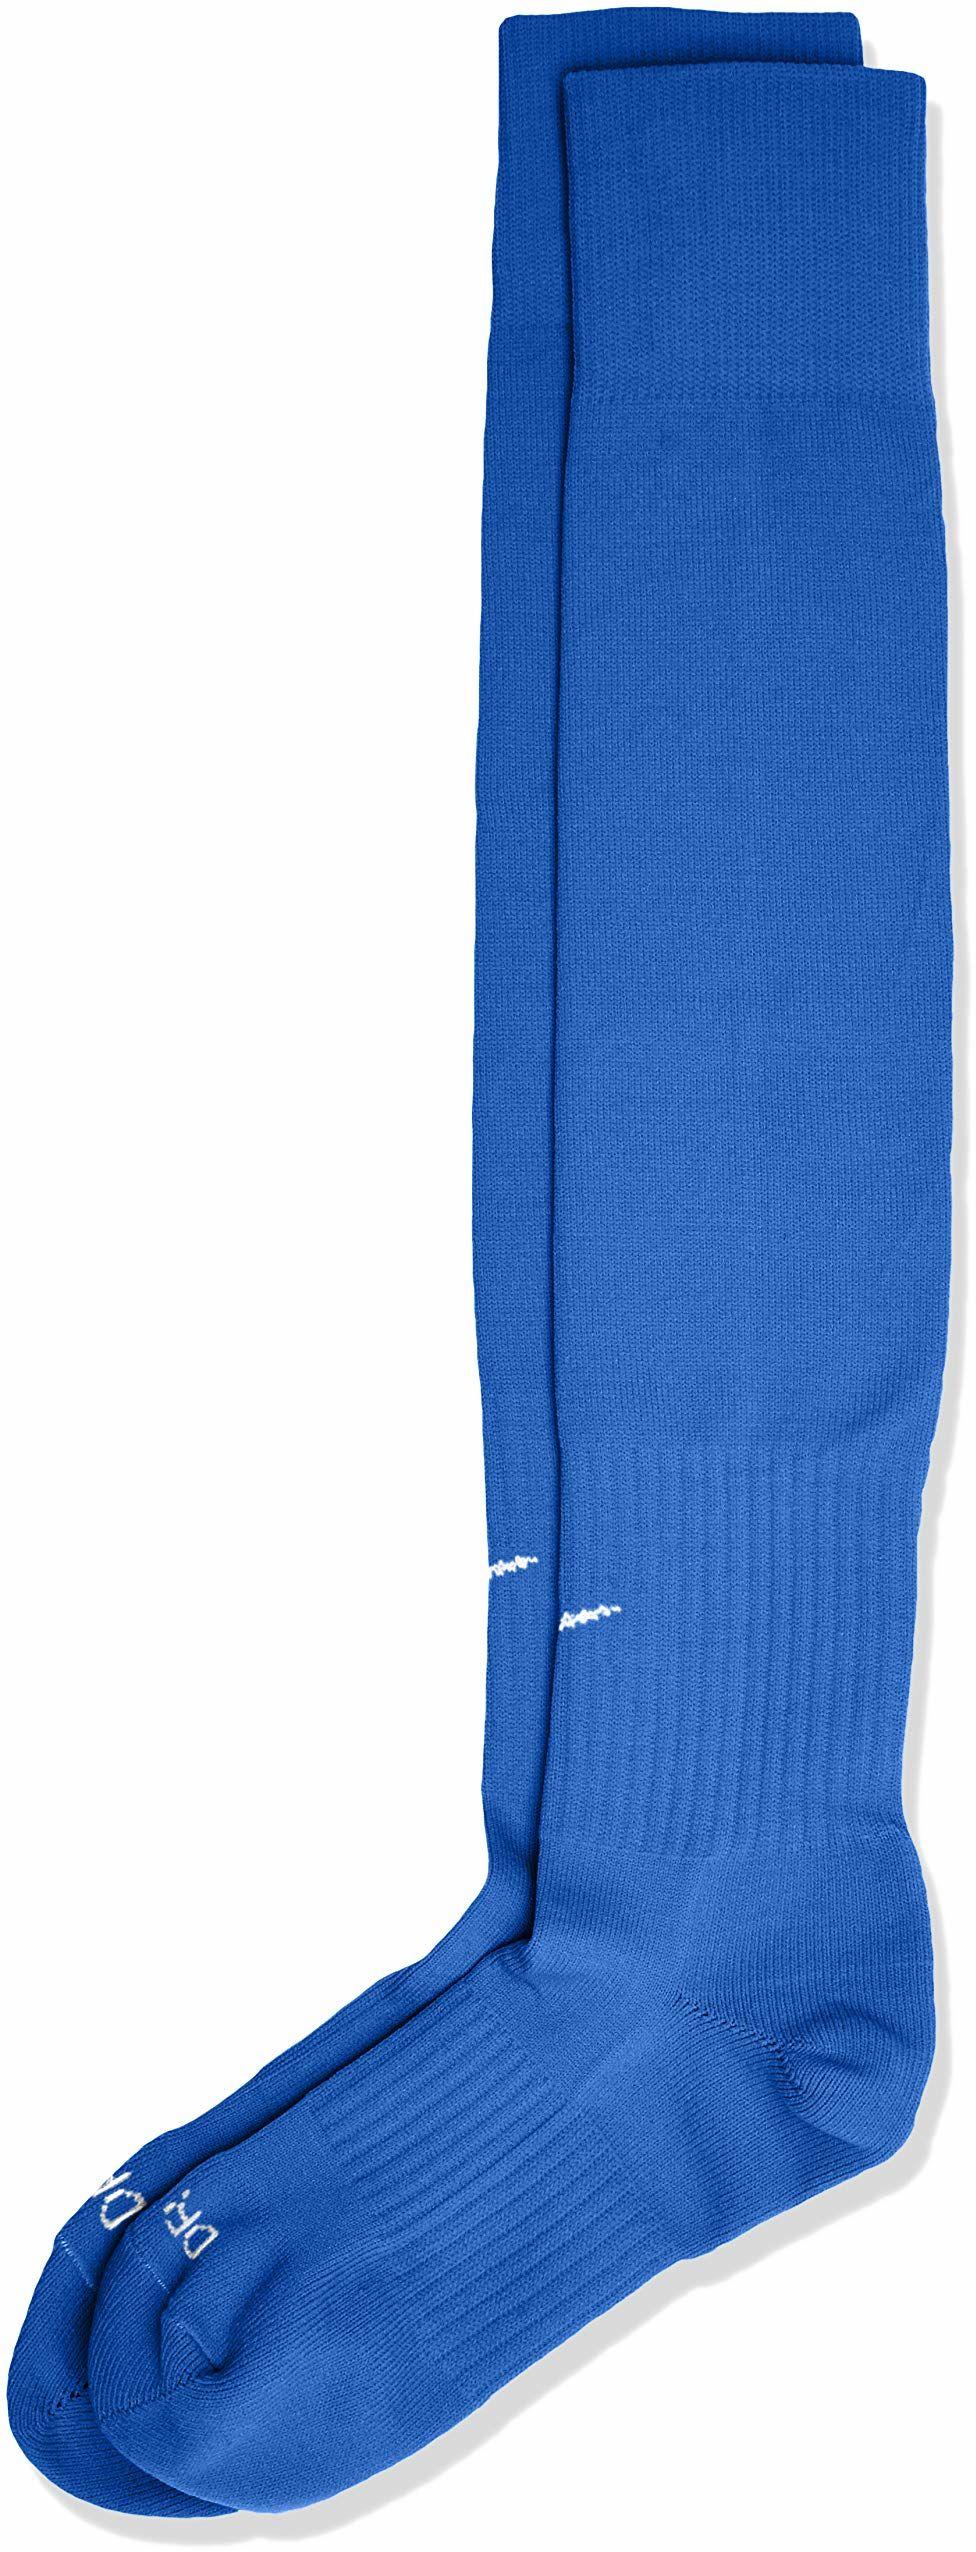 Nike U NK Classic II Cush OTC -Team skarpety męskie, wielokolorowe (królewski niebieski / biały), duże